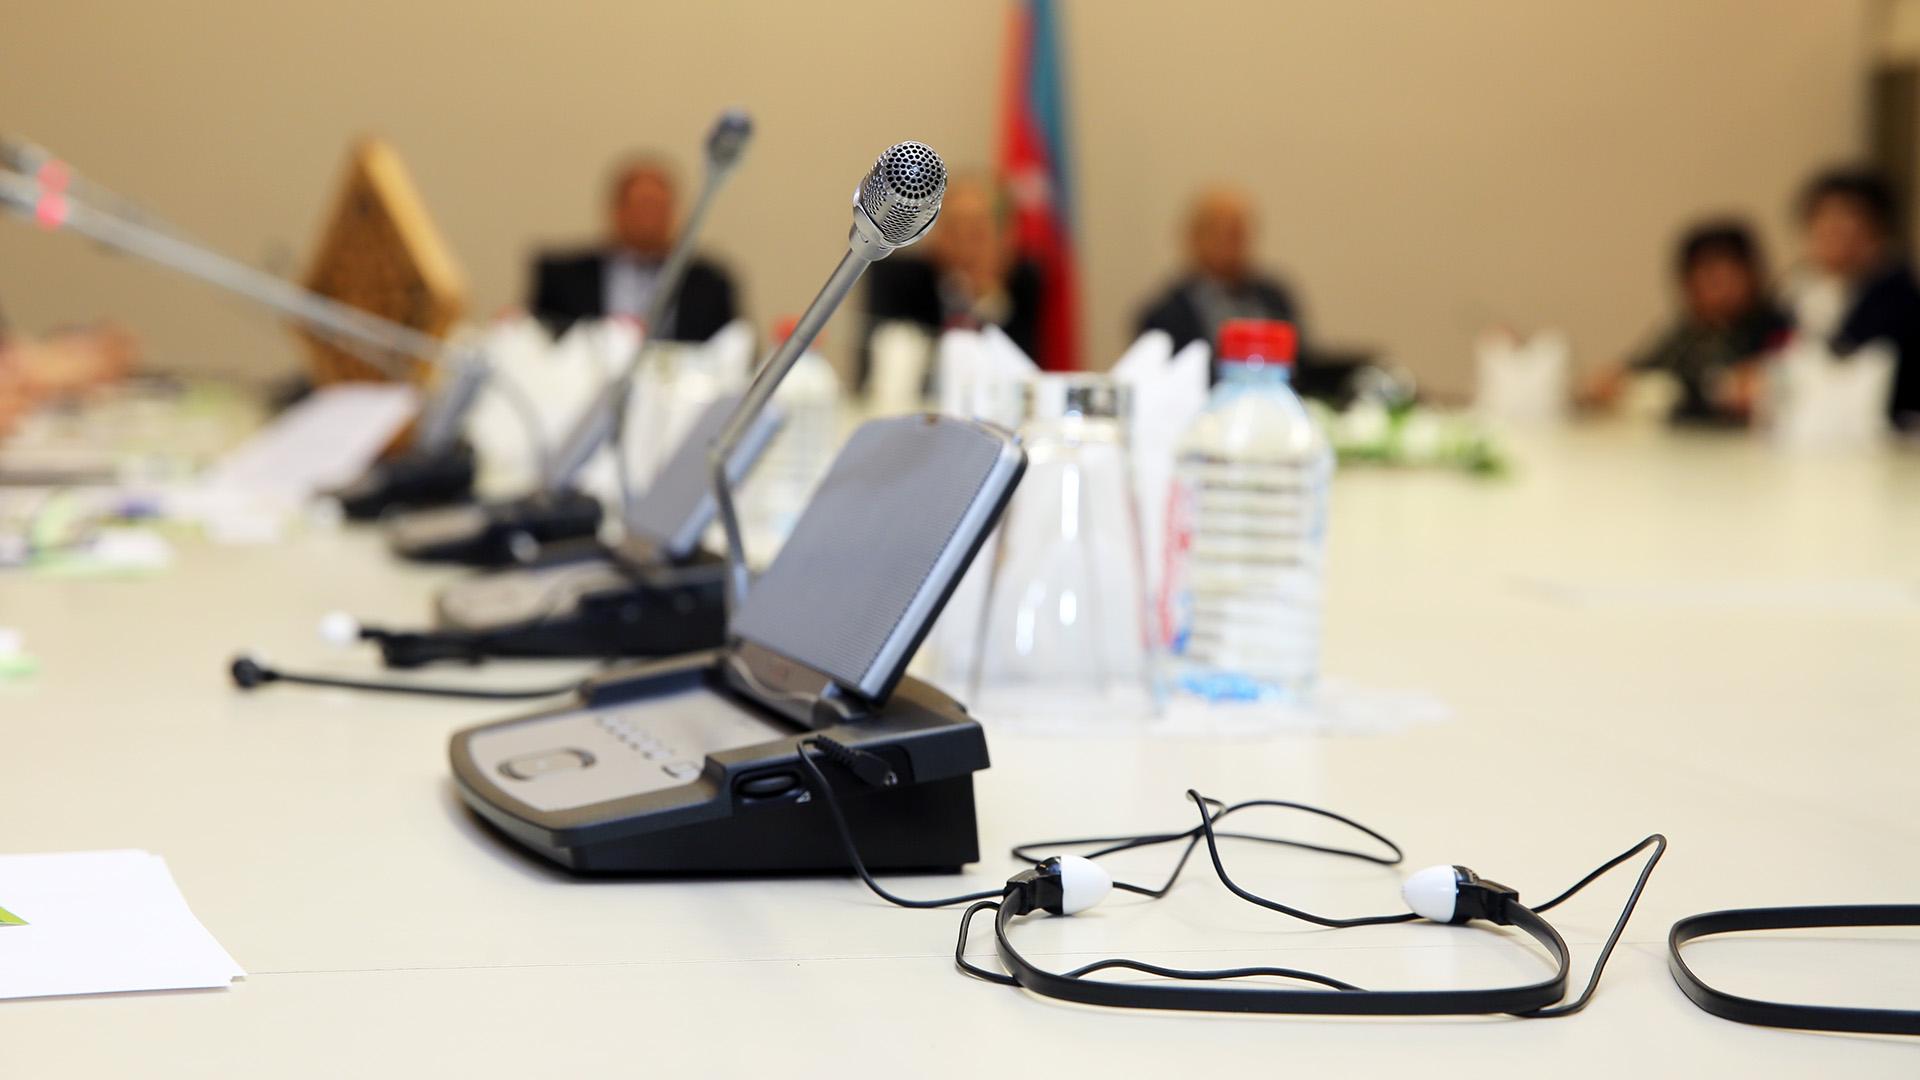 Dolmetschleistungen für EBR-Konferenzen